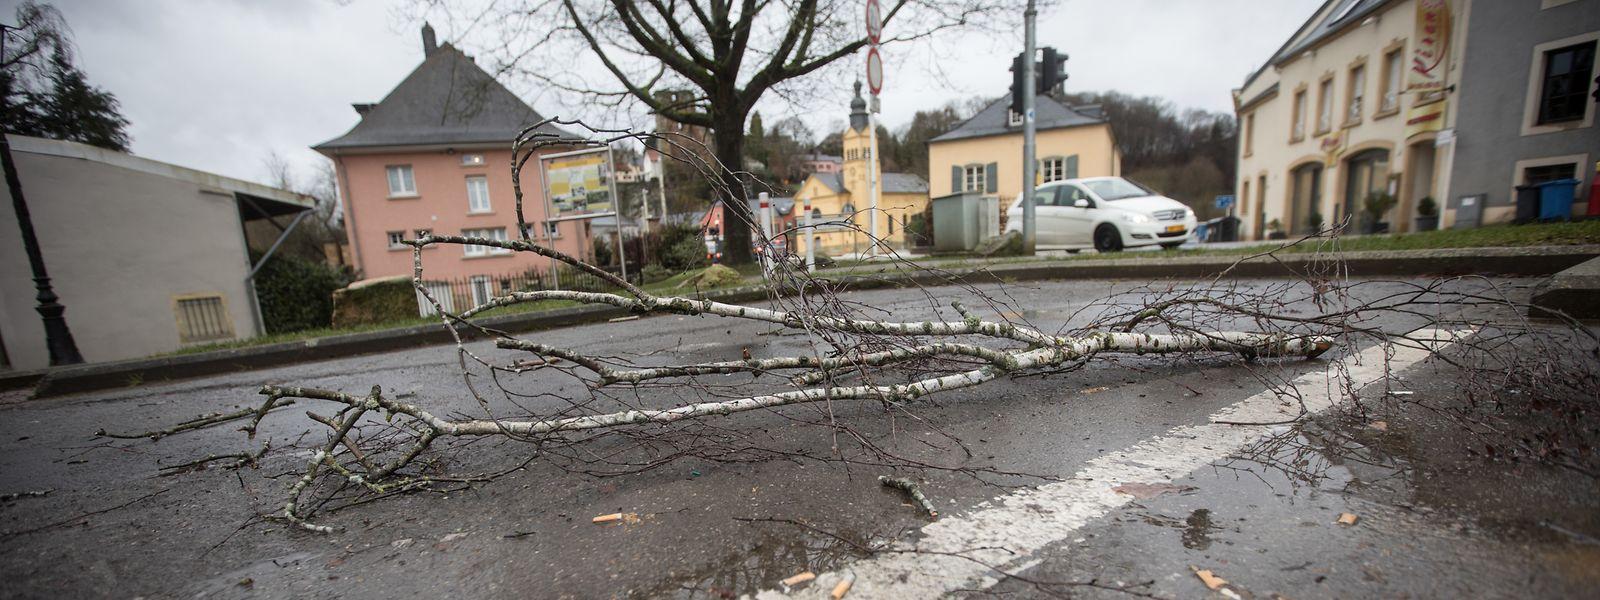 Luxemburg stehen stürmische Zeiten bevor.